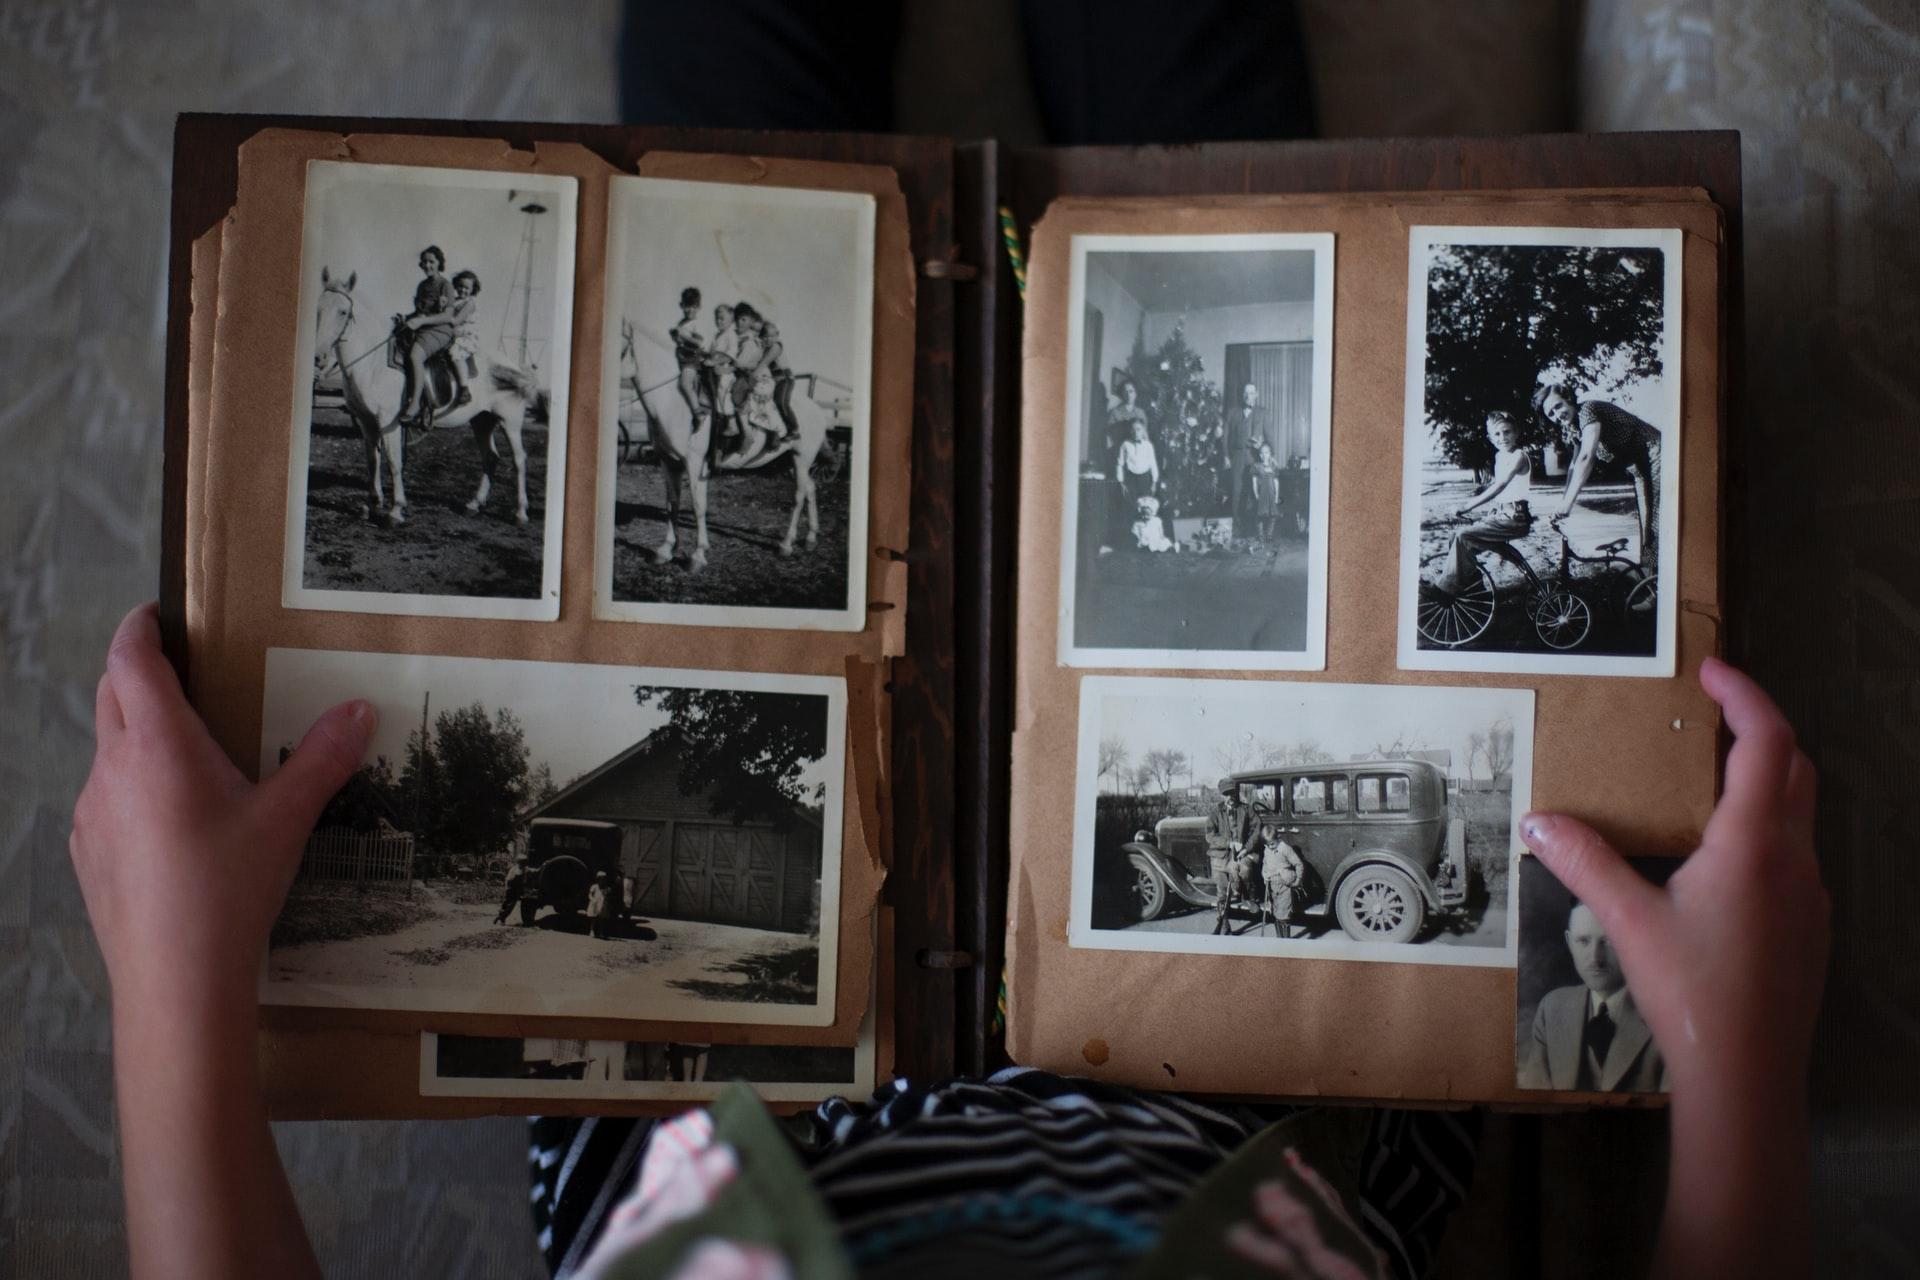 laura fuhrman 73OJLcahQHg unsplash - Fotobøger på en helt ny måde